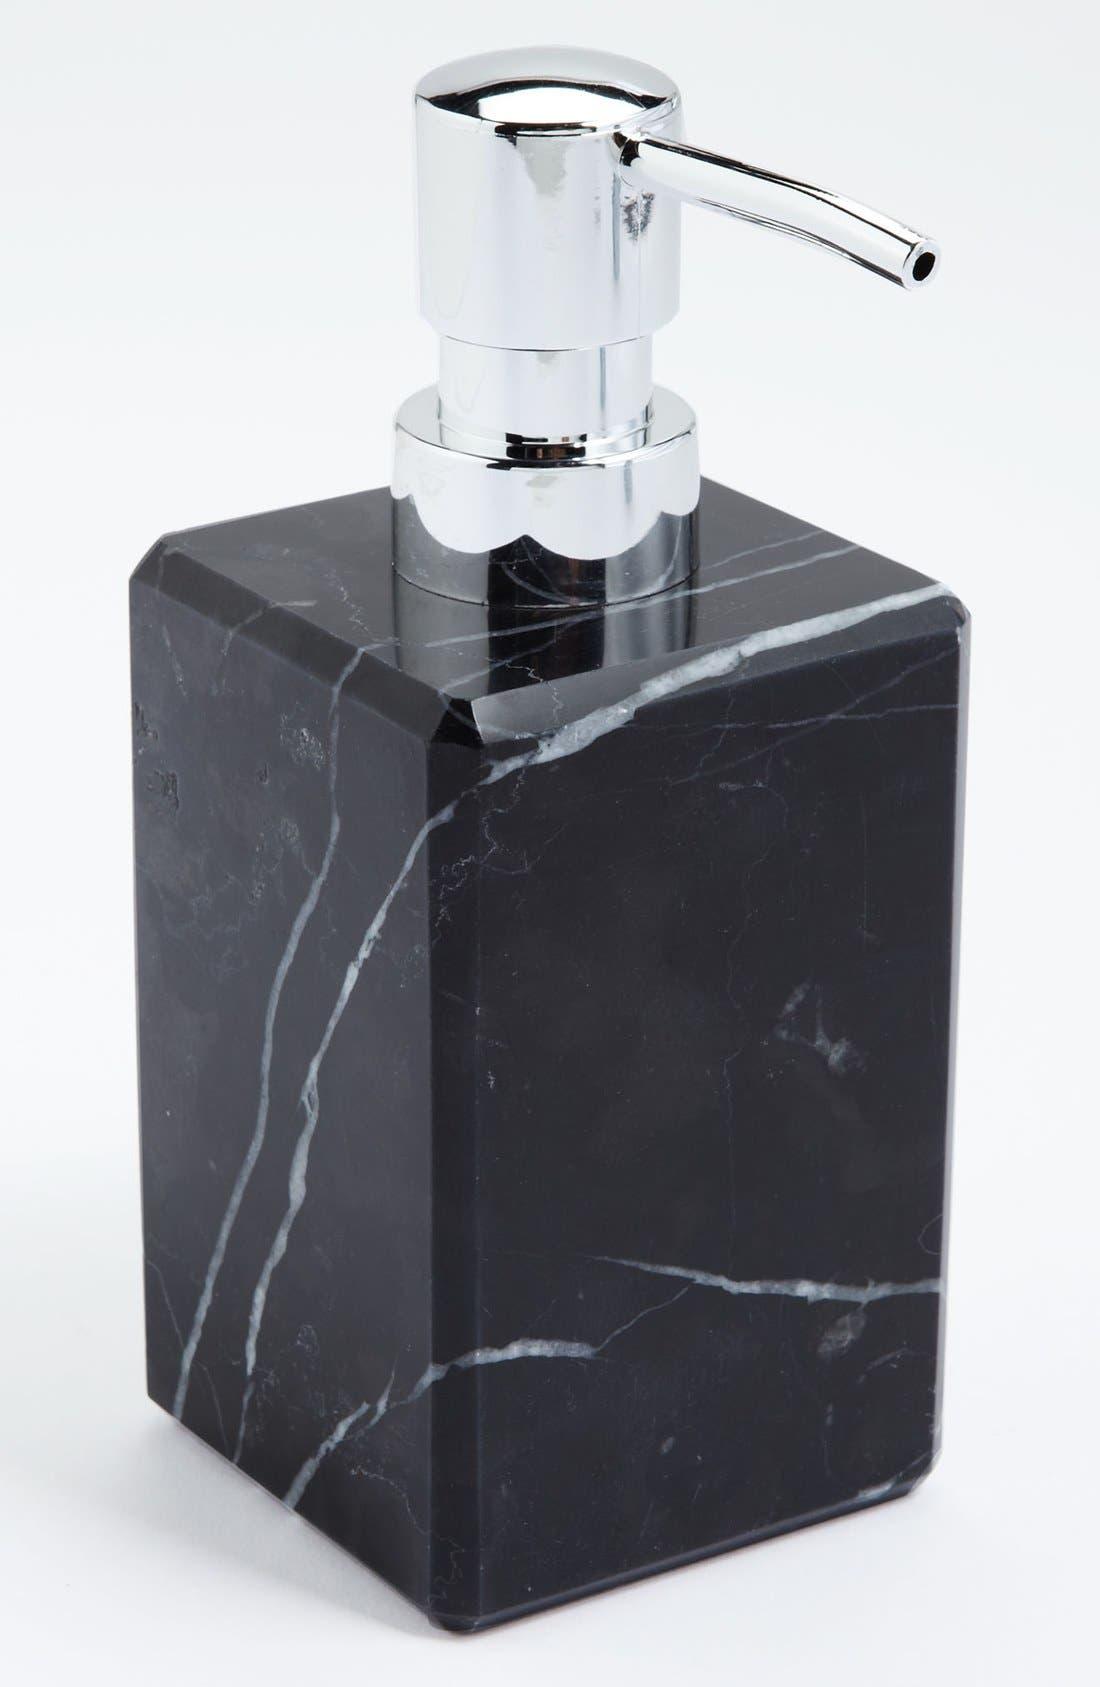 Alternate Image 1 Selected - Waterworks Studio 'Luna' Black Marble Soap Dispenser (Online Only)